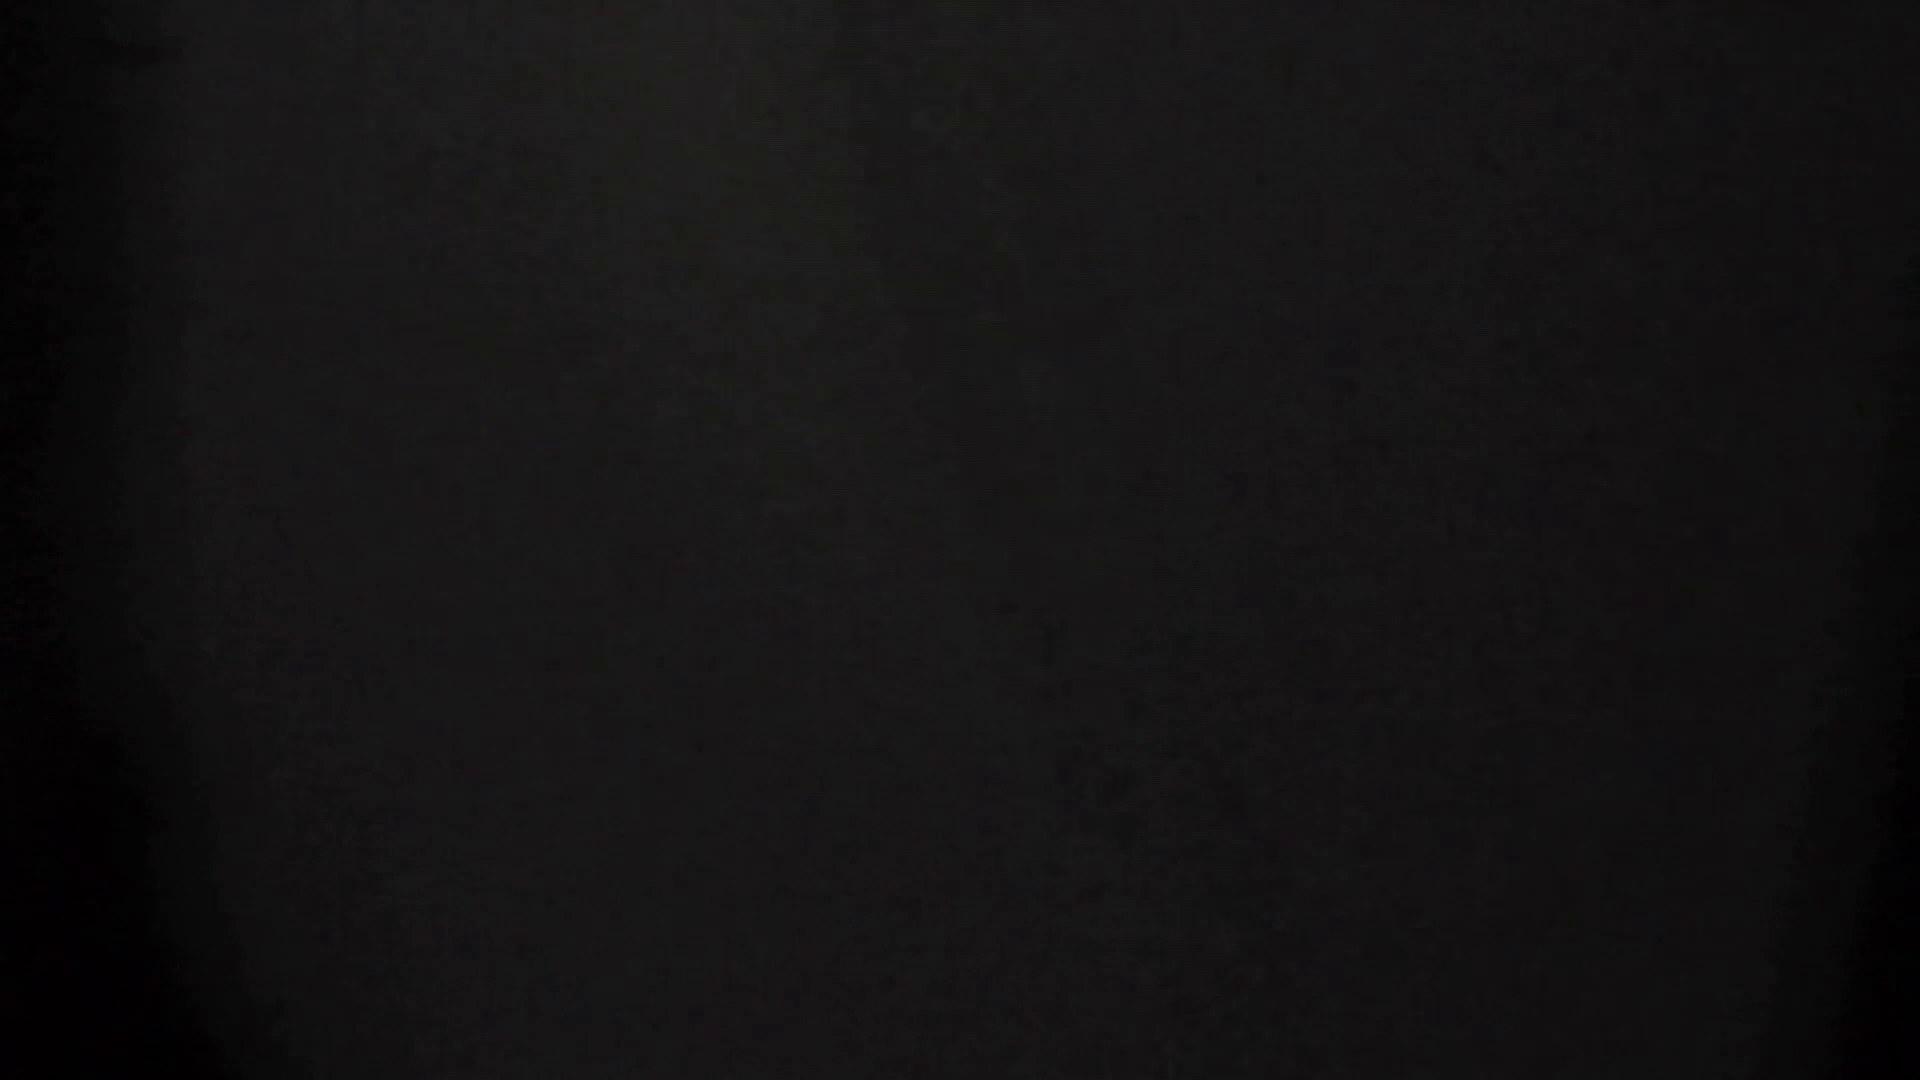 ステーション編 vol40 更に画質アップ!!無料動画のモデルつい登場3 高画質  80PIX 67